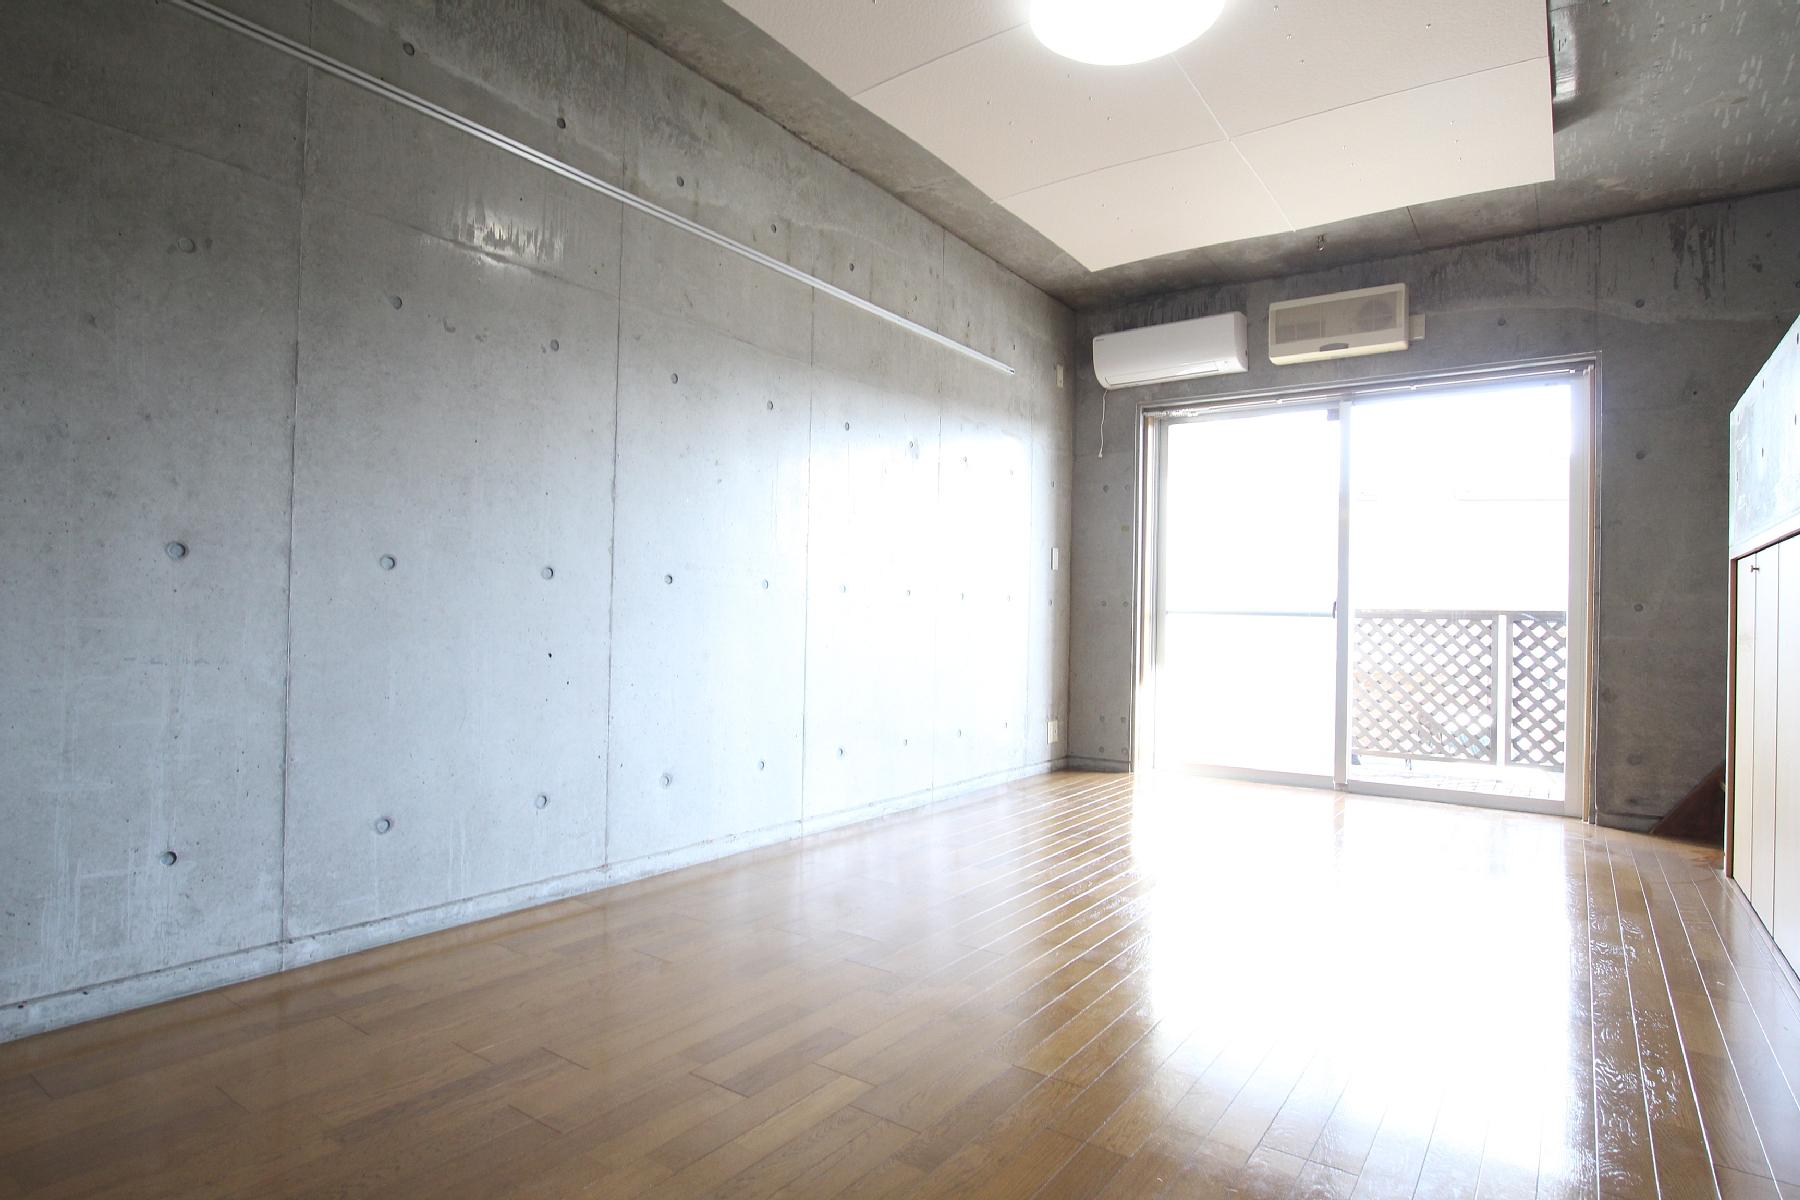 っ ぱなし 賃貸 コンクリート 打ち コンクリート打ちっぱなしの壁にフックを取り付けたいのですが、賃貸なのでアンカーは避けたいと思います。何か良い方法はありますでしょうか。